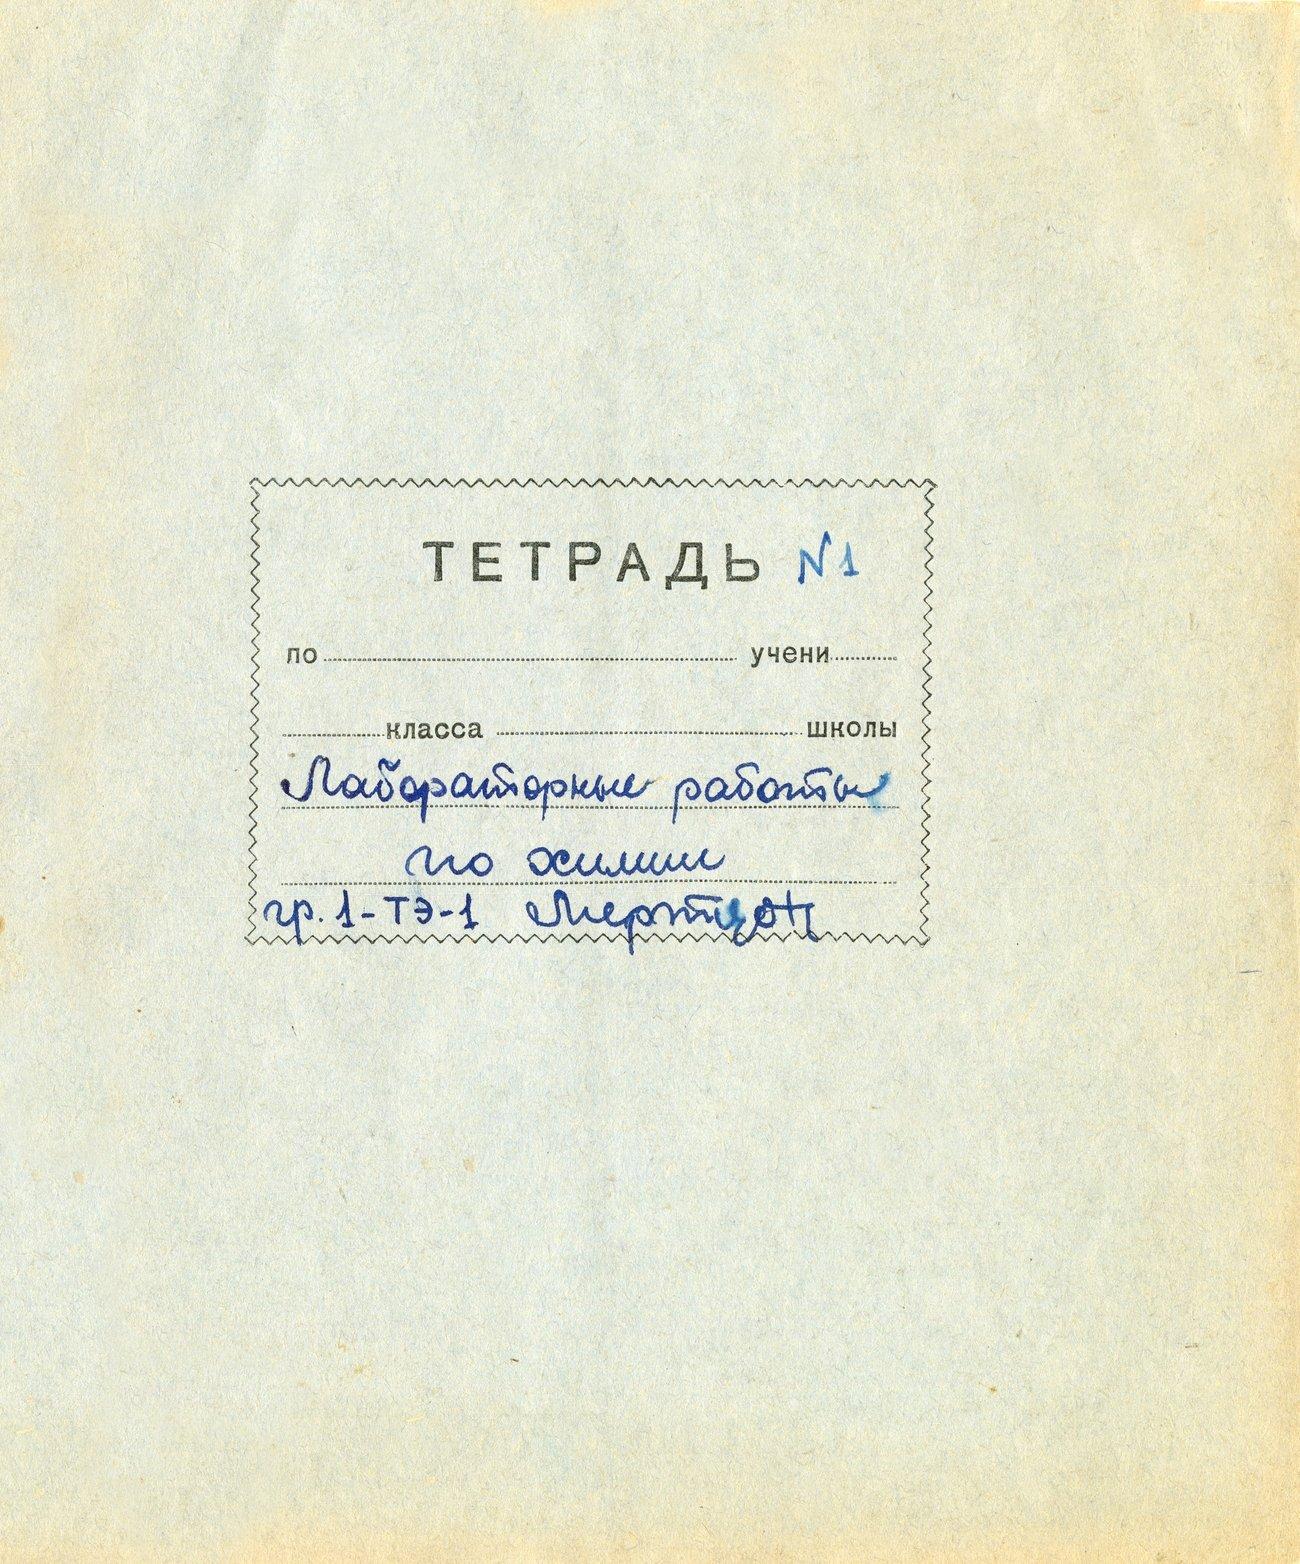 Тетрадь 1954